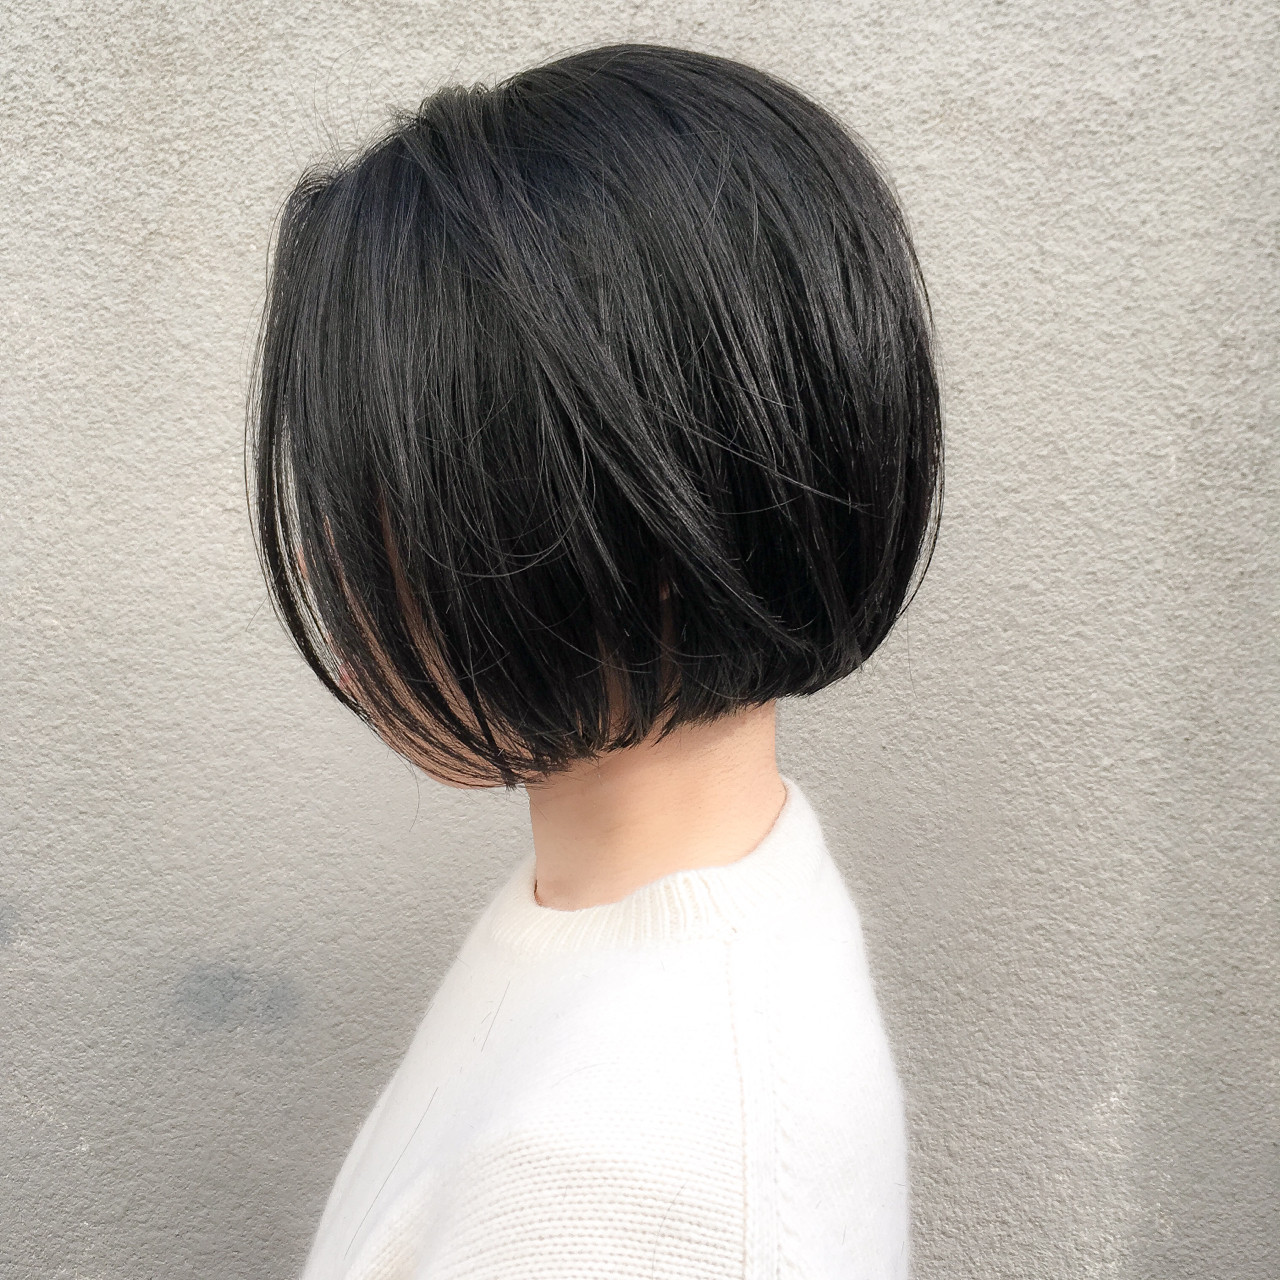 前下がり 黒髪 ボブ 切りっぱなし ヘアスタイルや髪型の写真・画像